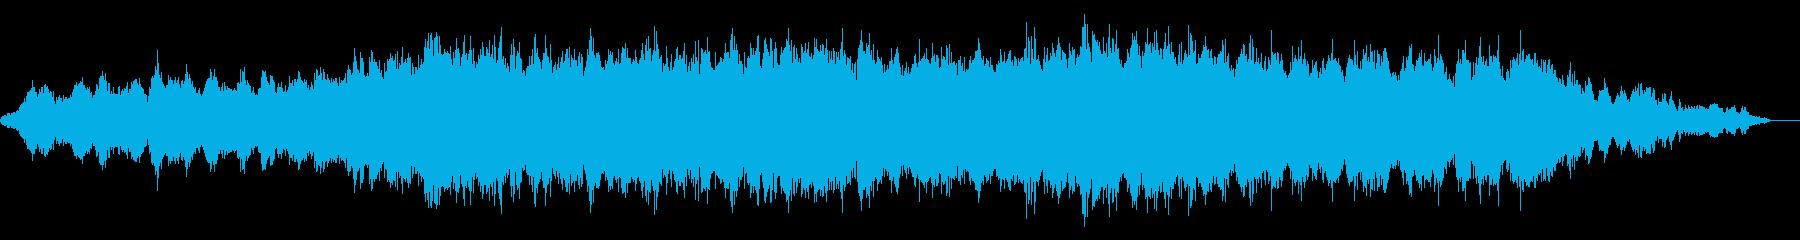 まどろむような環境音楽の再生済みの波形